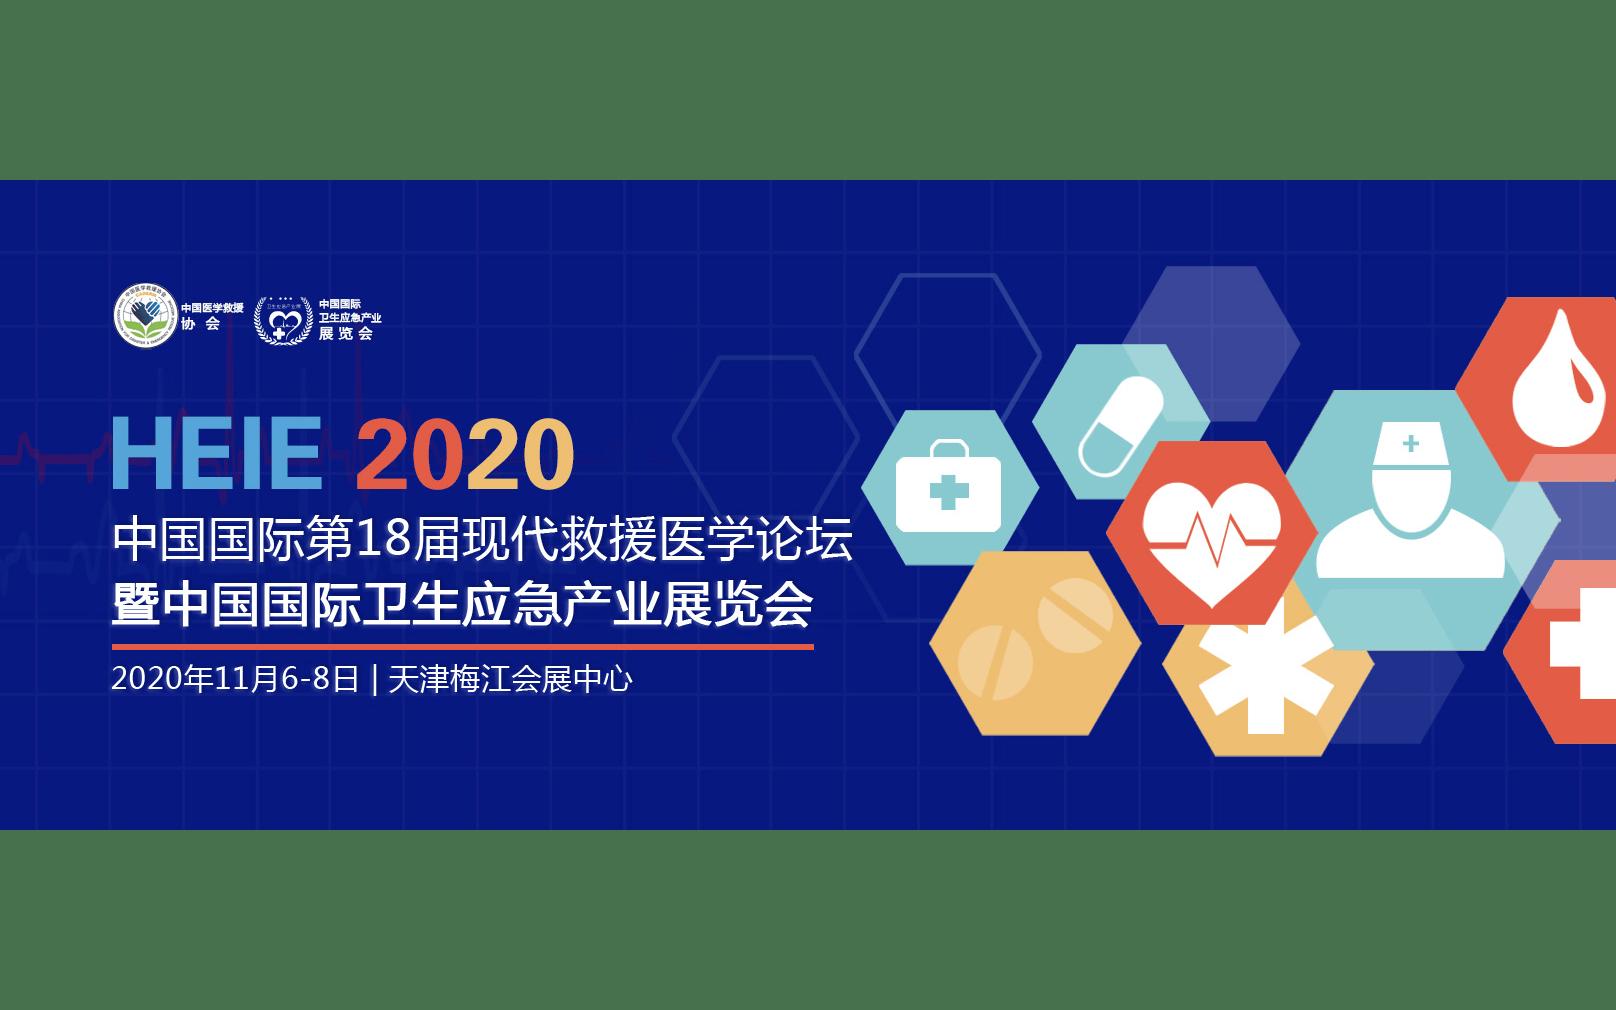 2020中國國際第18屆現代救援醫學論壇暨中國國際衛生應急產業展覽會